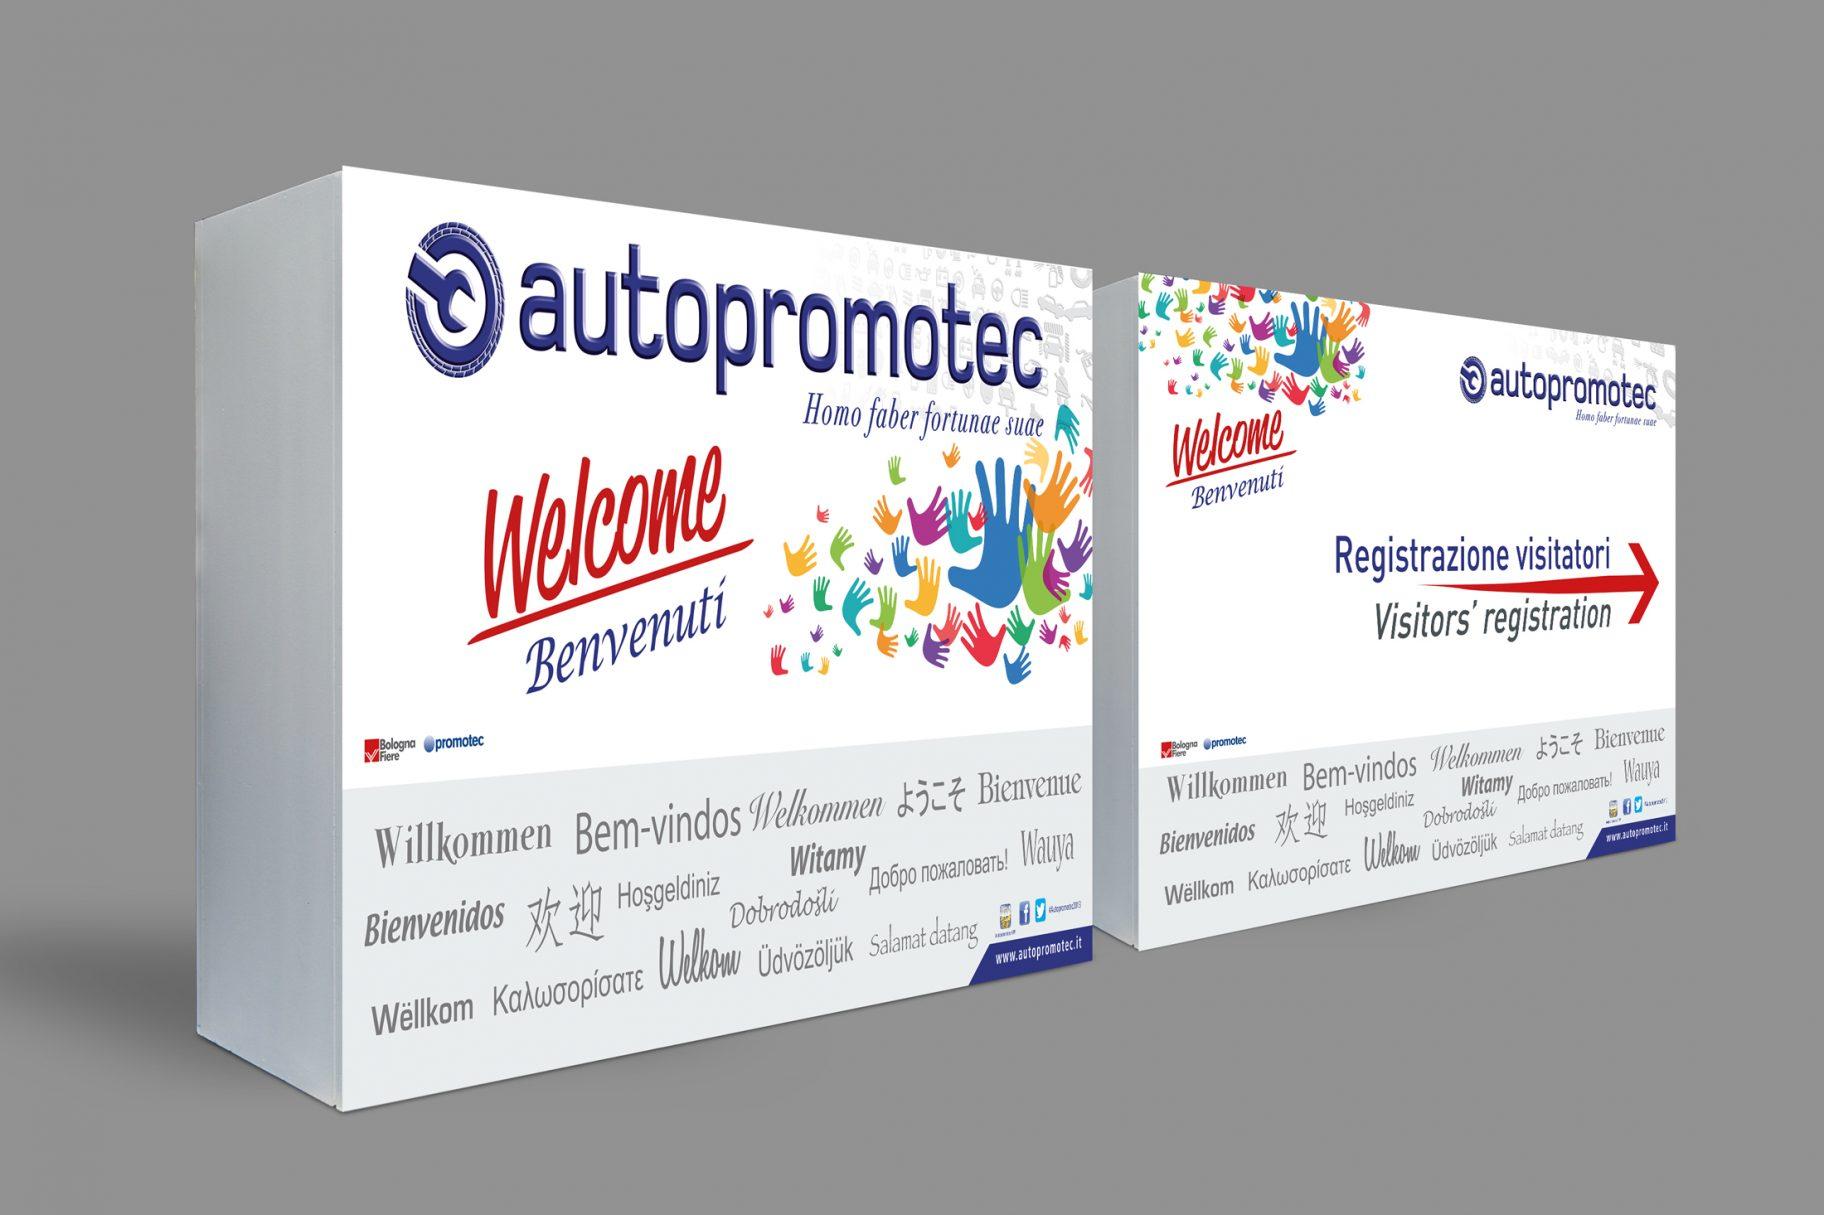 Autopromotec-fiera-2013-cartellonistica